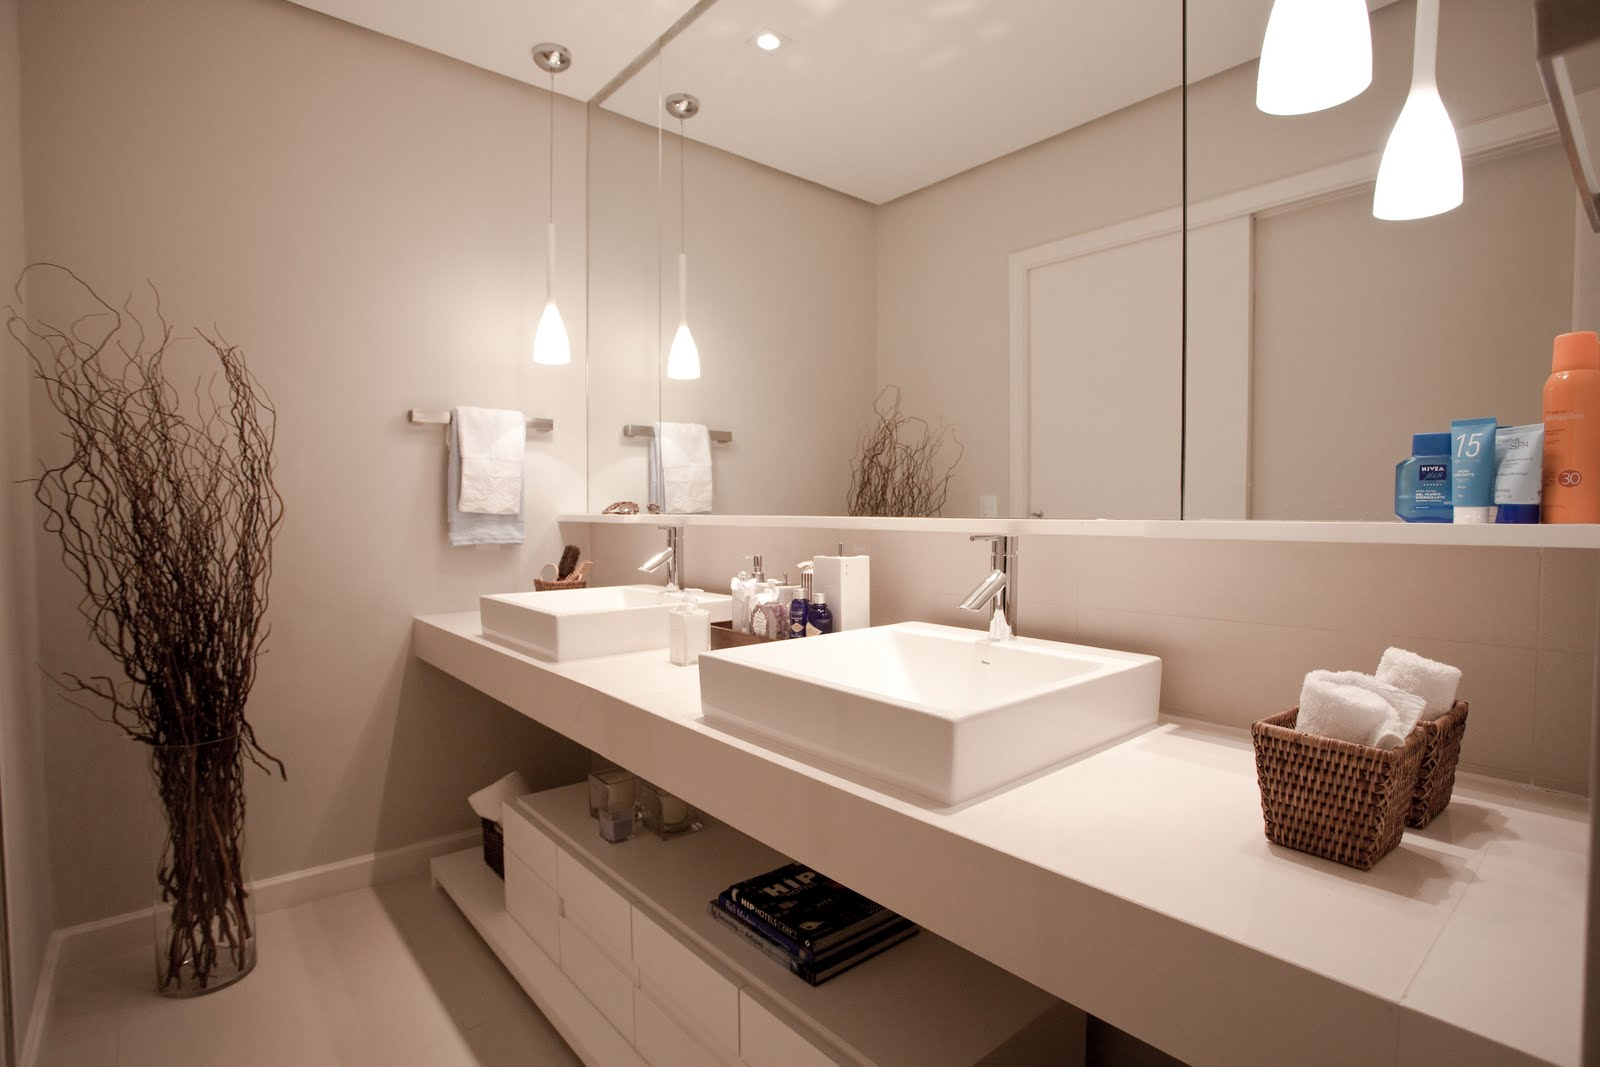 Renovando sua casa para 2013 Vitória Tintas #985133 1600x1067 Banheiro Azul Com Branco